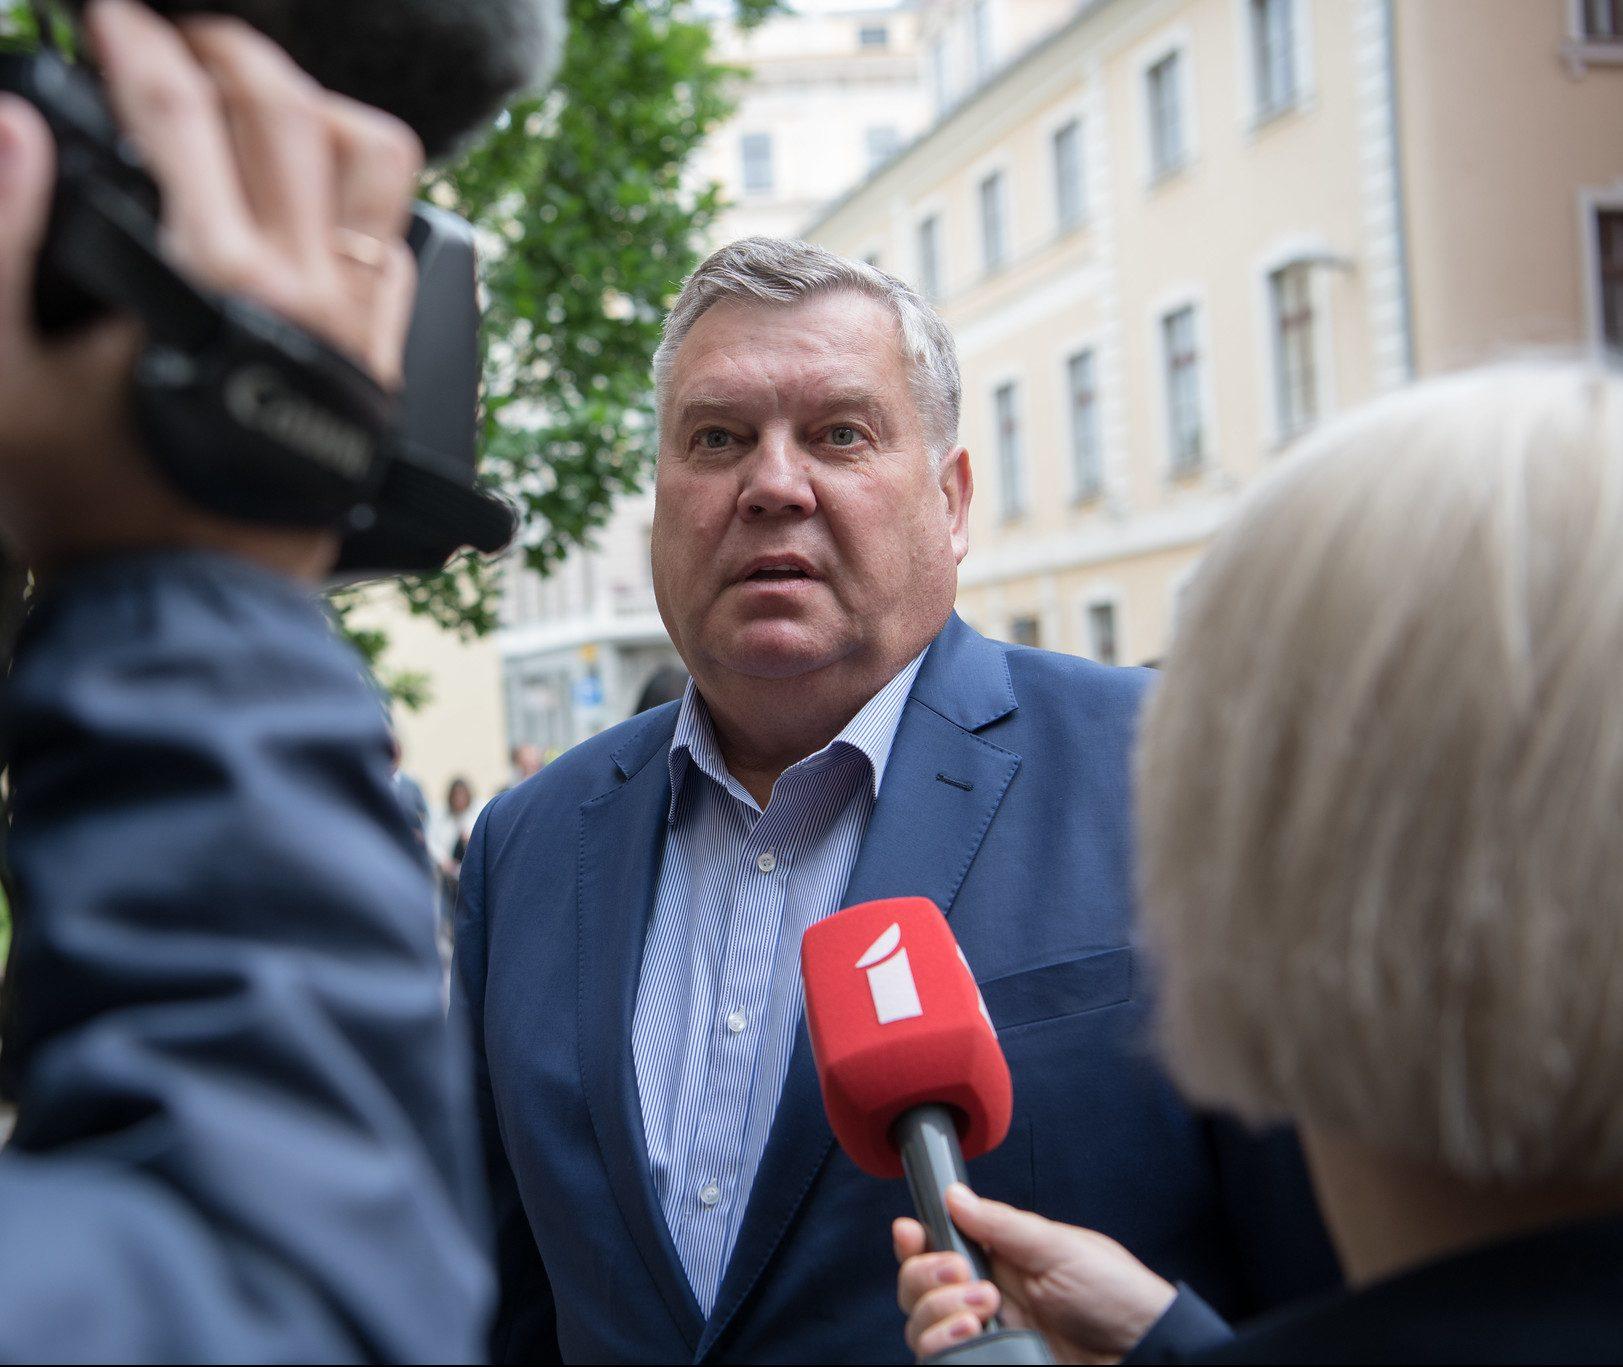 Jānis Urbanovičs: Pārņemot Rīgas un Ventspils ostas, valdošā vara ir savtīgi izmantojusi situāciju